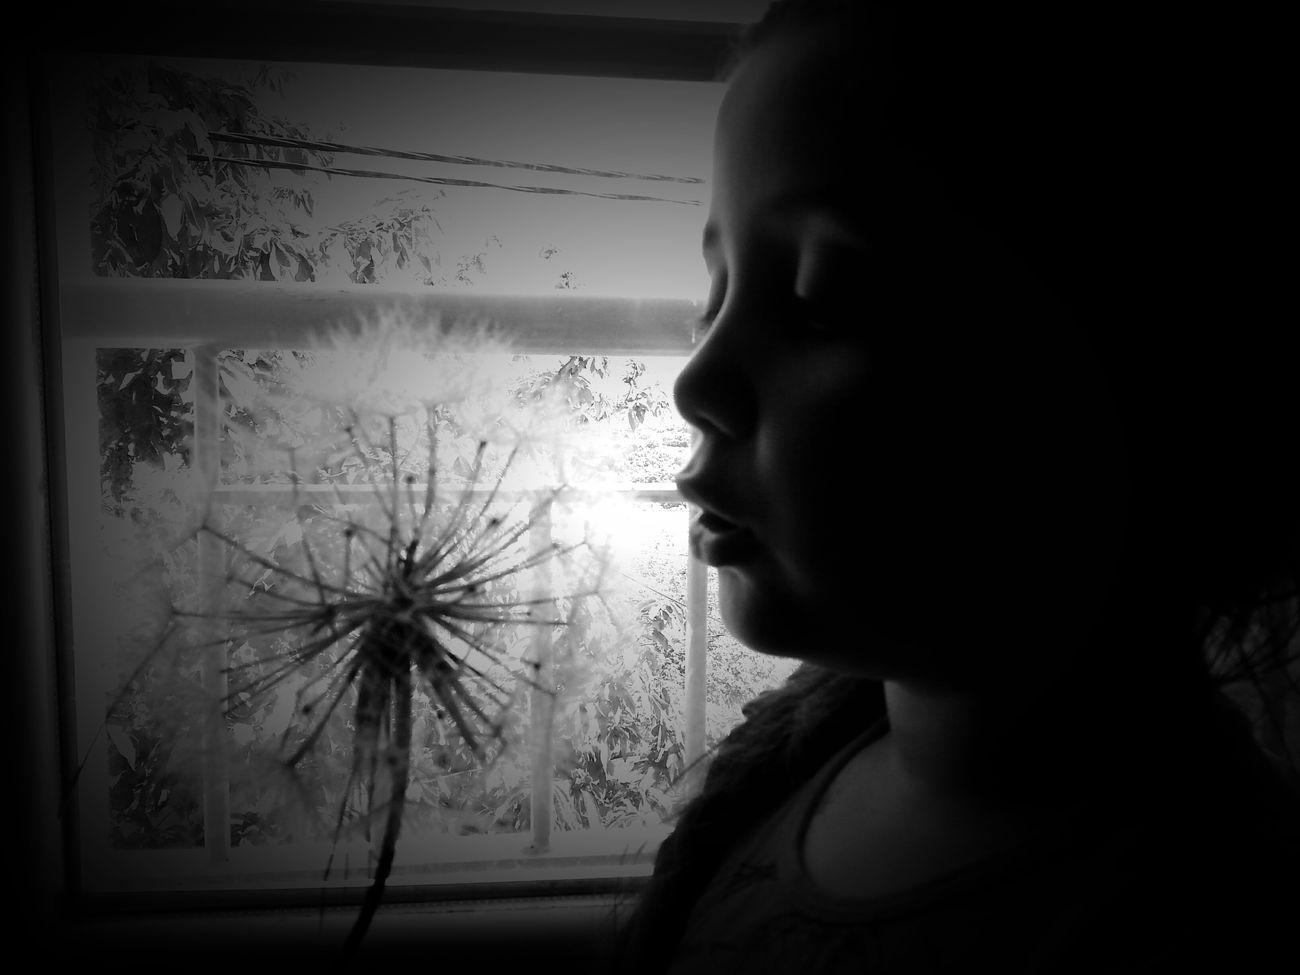 souffle mon ange et fais un voeux ♡♡♡ bon week end :) Black And White Photography Blacknwhite_perfection